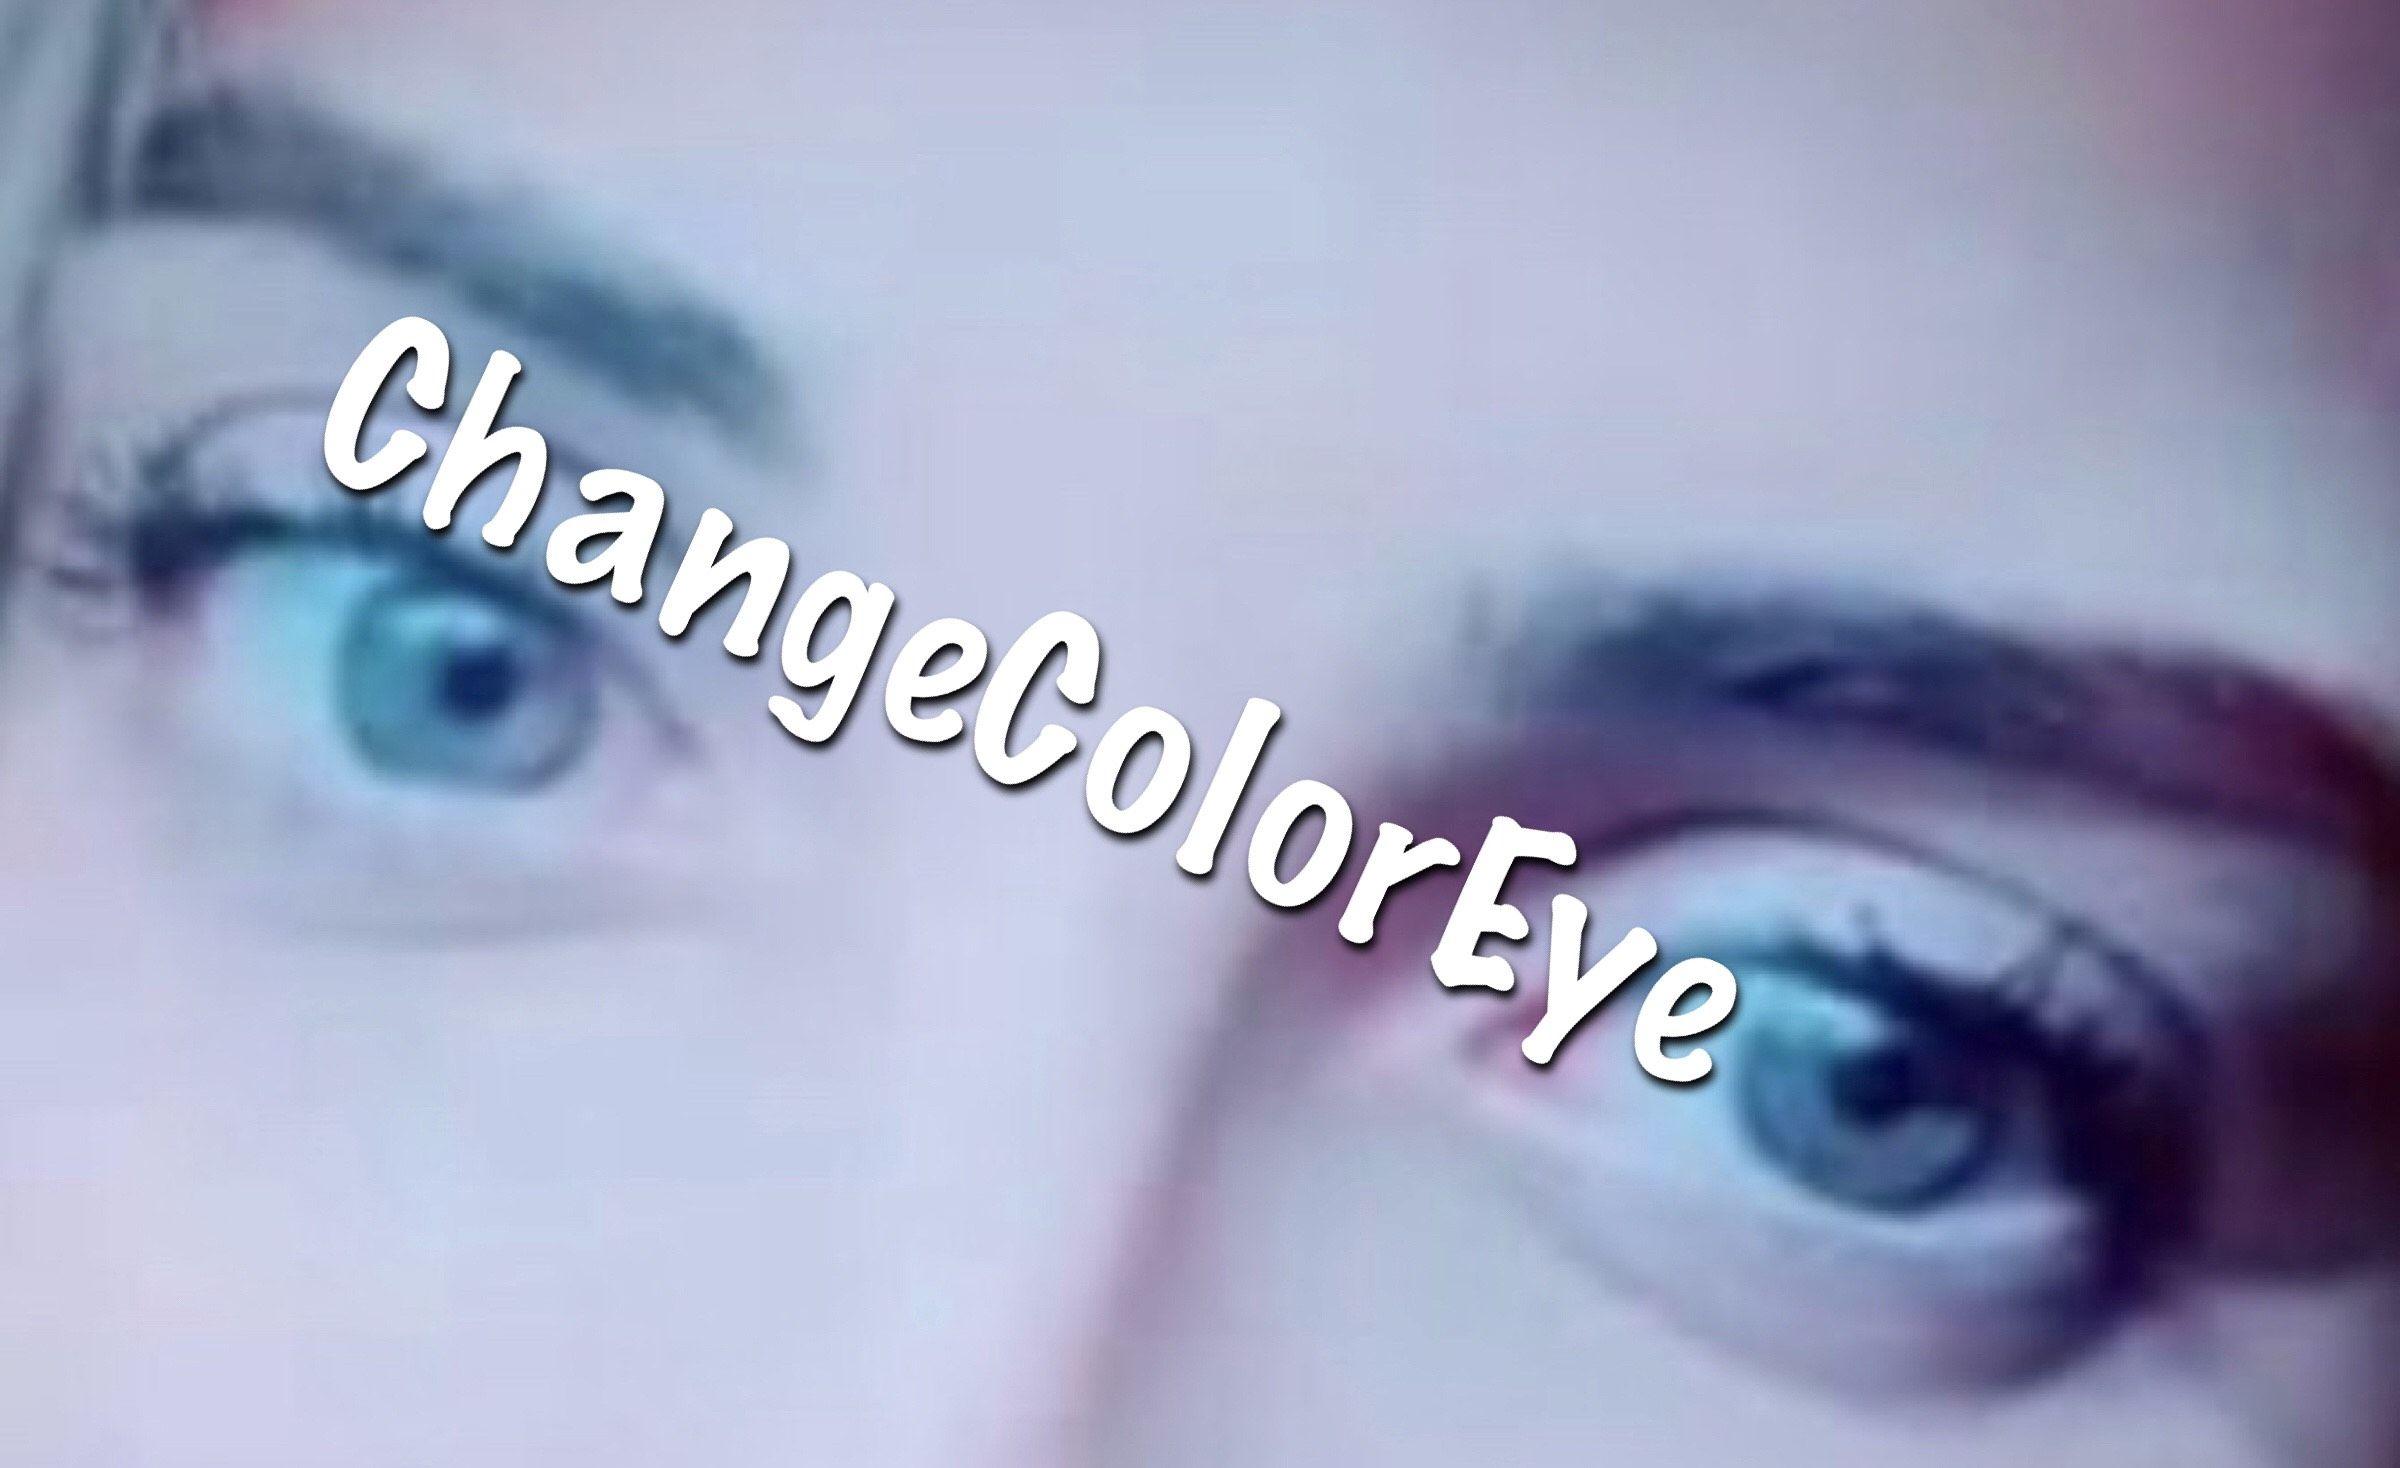 ادفعي أنفك للأعلى لمدة دقيقة وشاهدي ما سيحدث Eye Color Change Coral Eye Makeup Change Your Eye Color